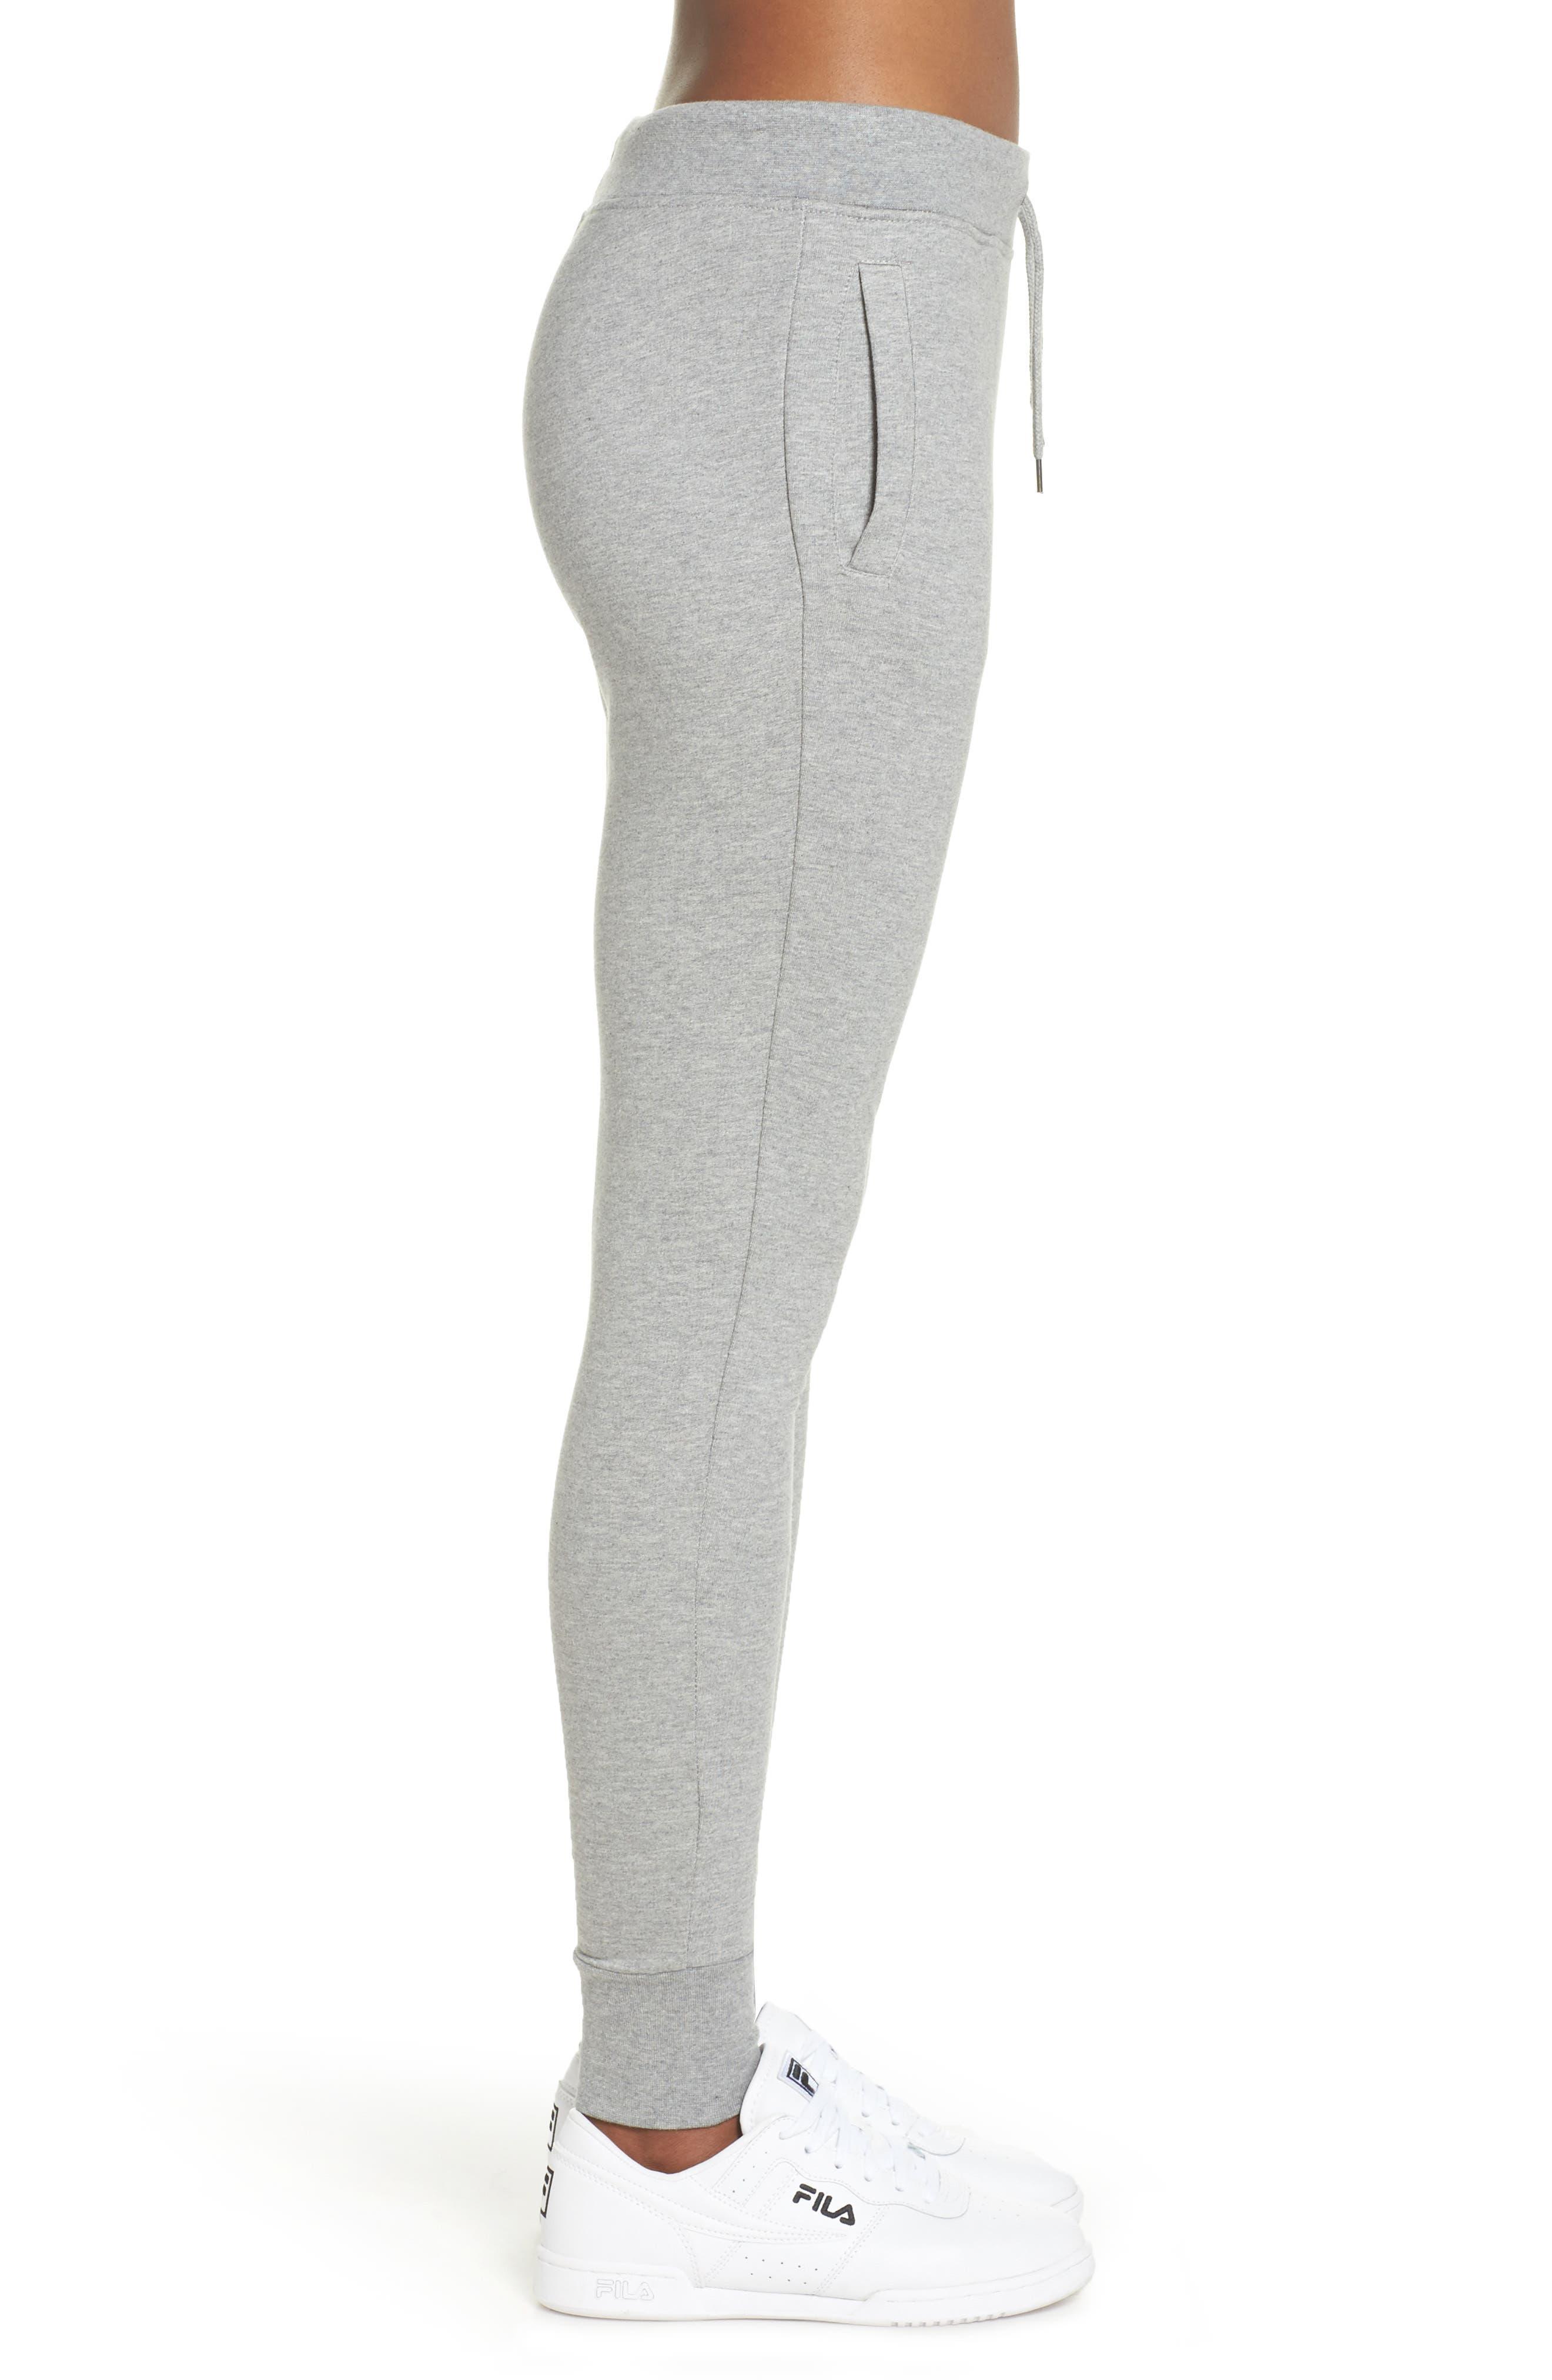 Authentic Cresta Slim Fit Sweatpants,                             Alternate thumbnail 3, color,